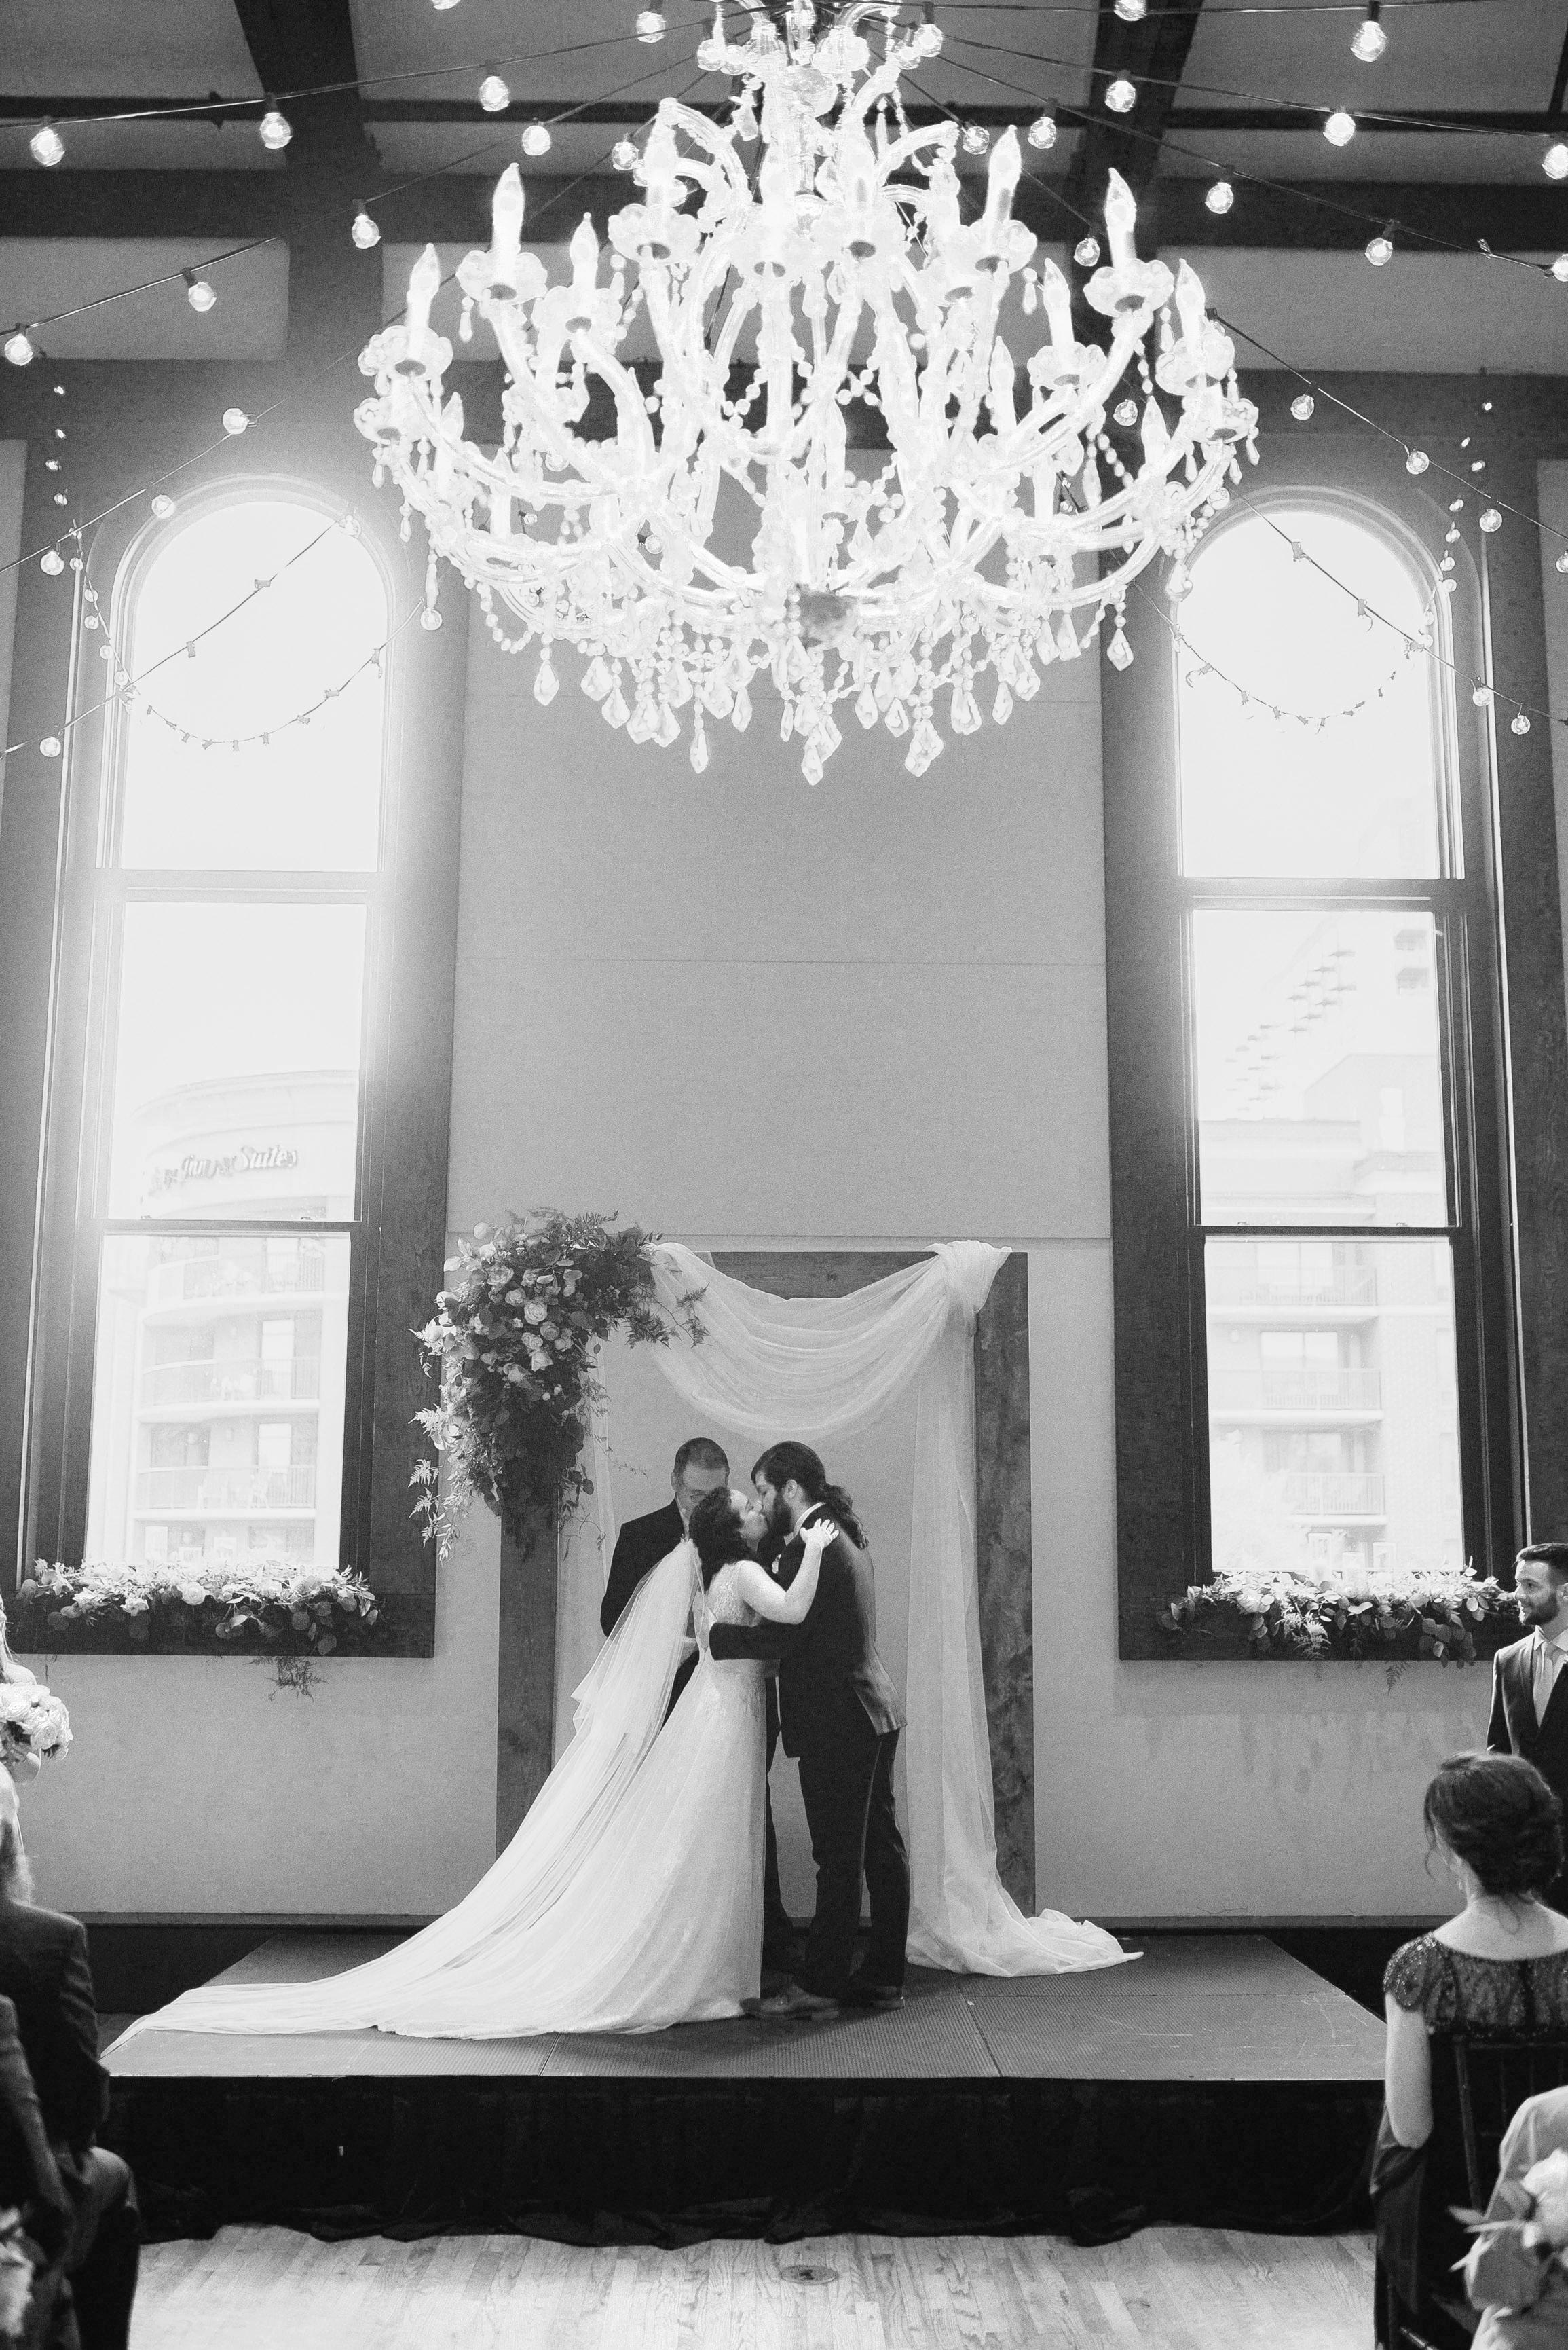 Jesse + Frankie Nashville Wedding Details Nashville